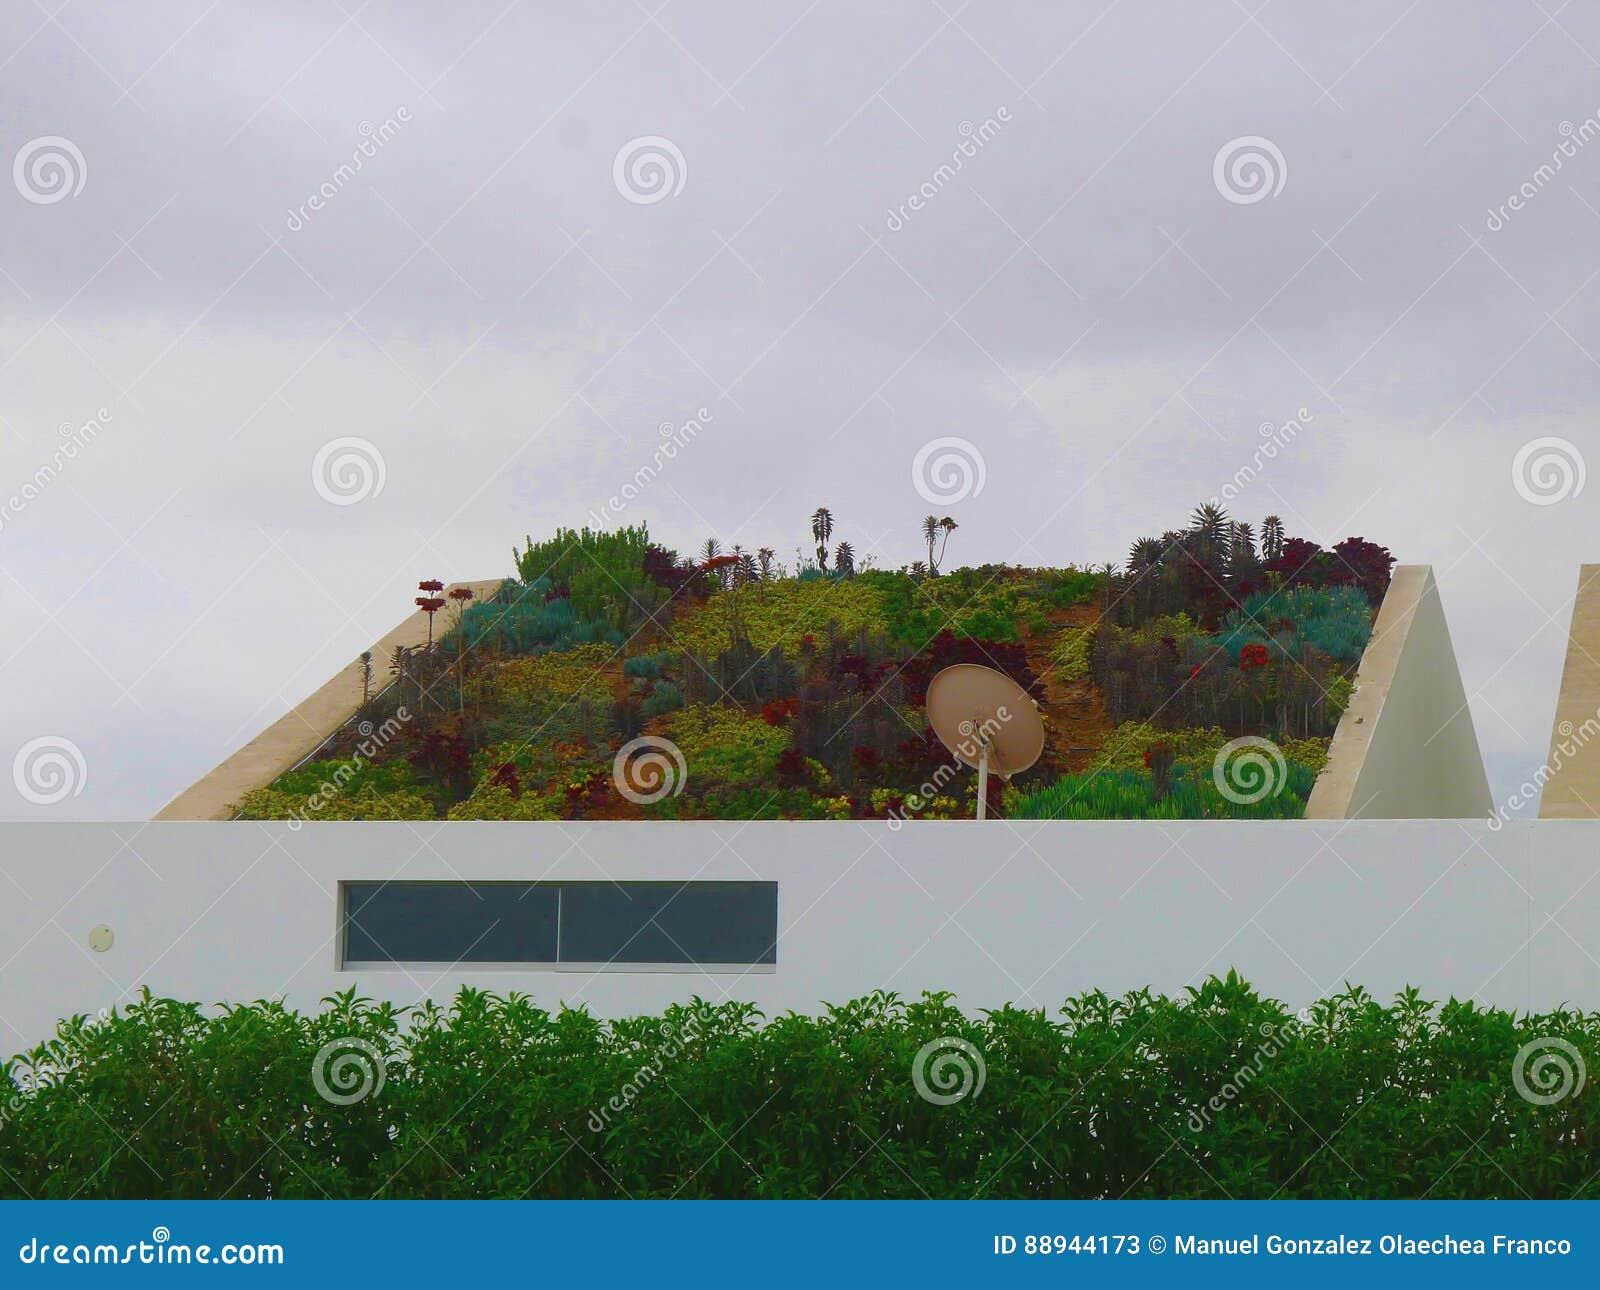 Hervorragend Download Garten Gepflanzt Auf Dem Schrägen Dach Eines Modernen Hauses  Stockbild   Bild Von Garten,